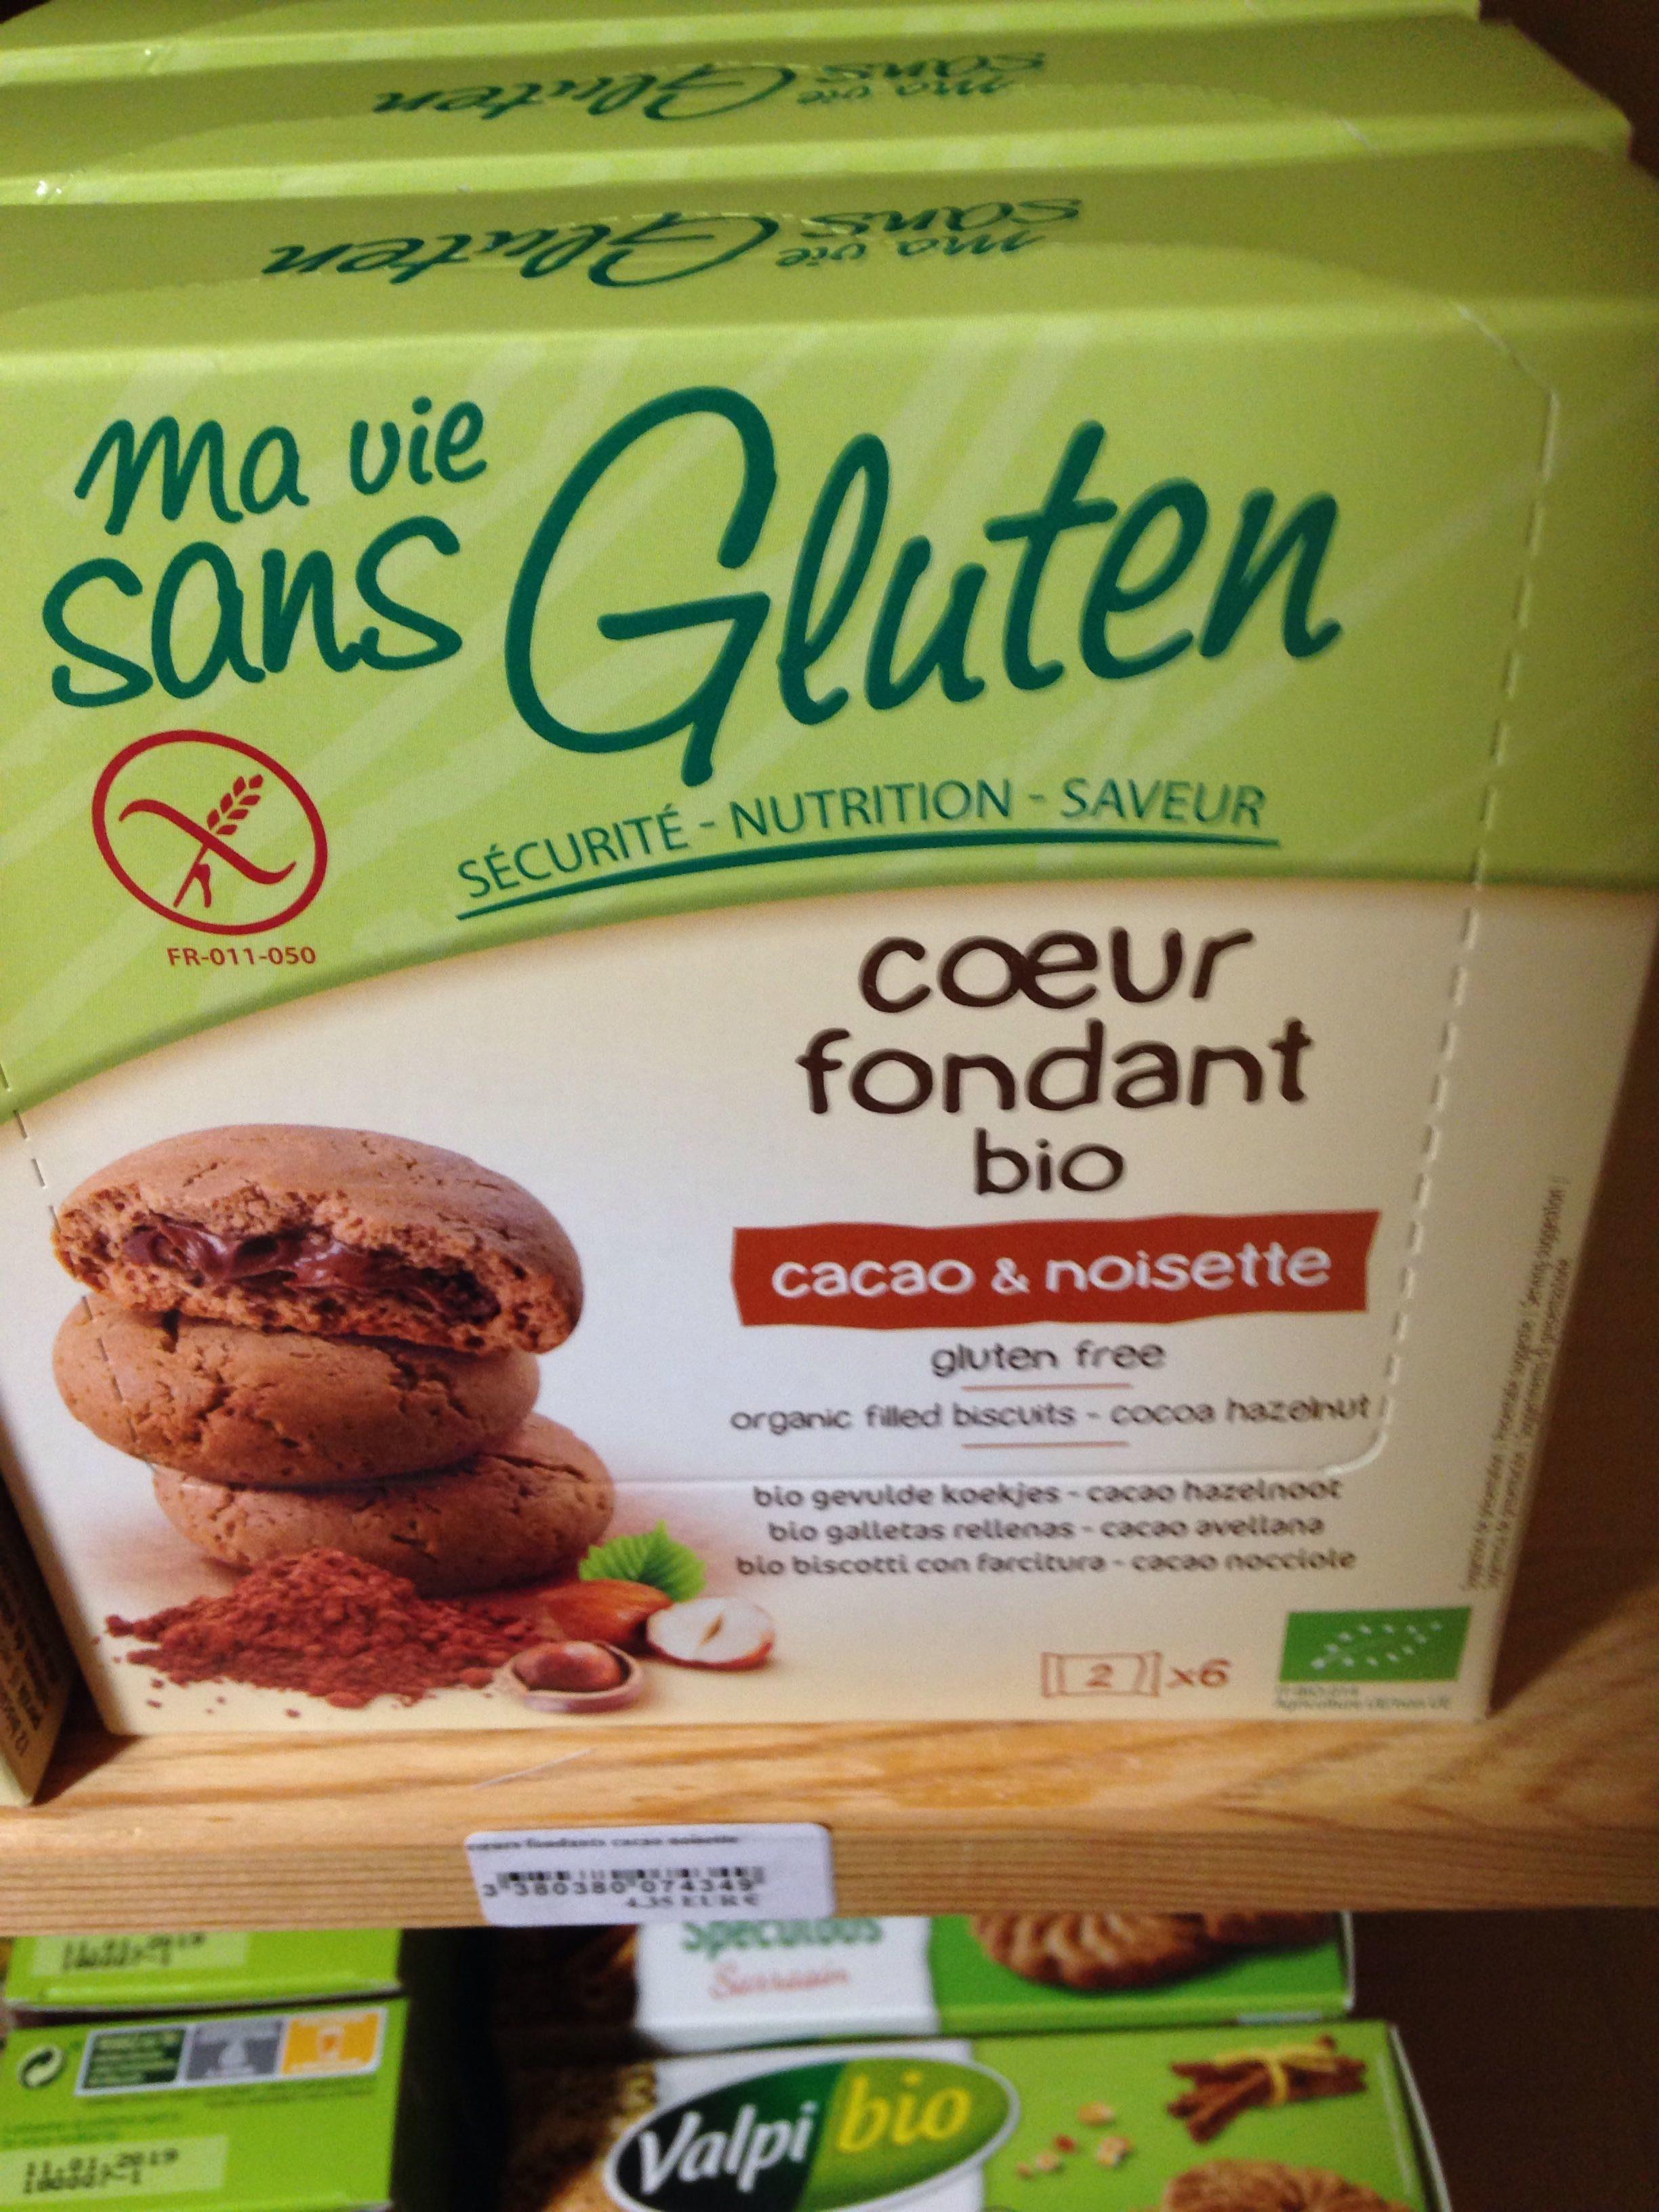 Coeur Fondant Cacao Noisette Bio - 200 G - Ma Vie Sans Gluten - Produit